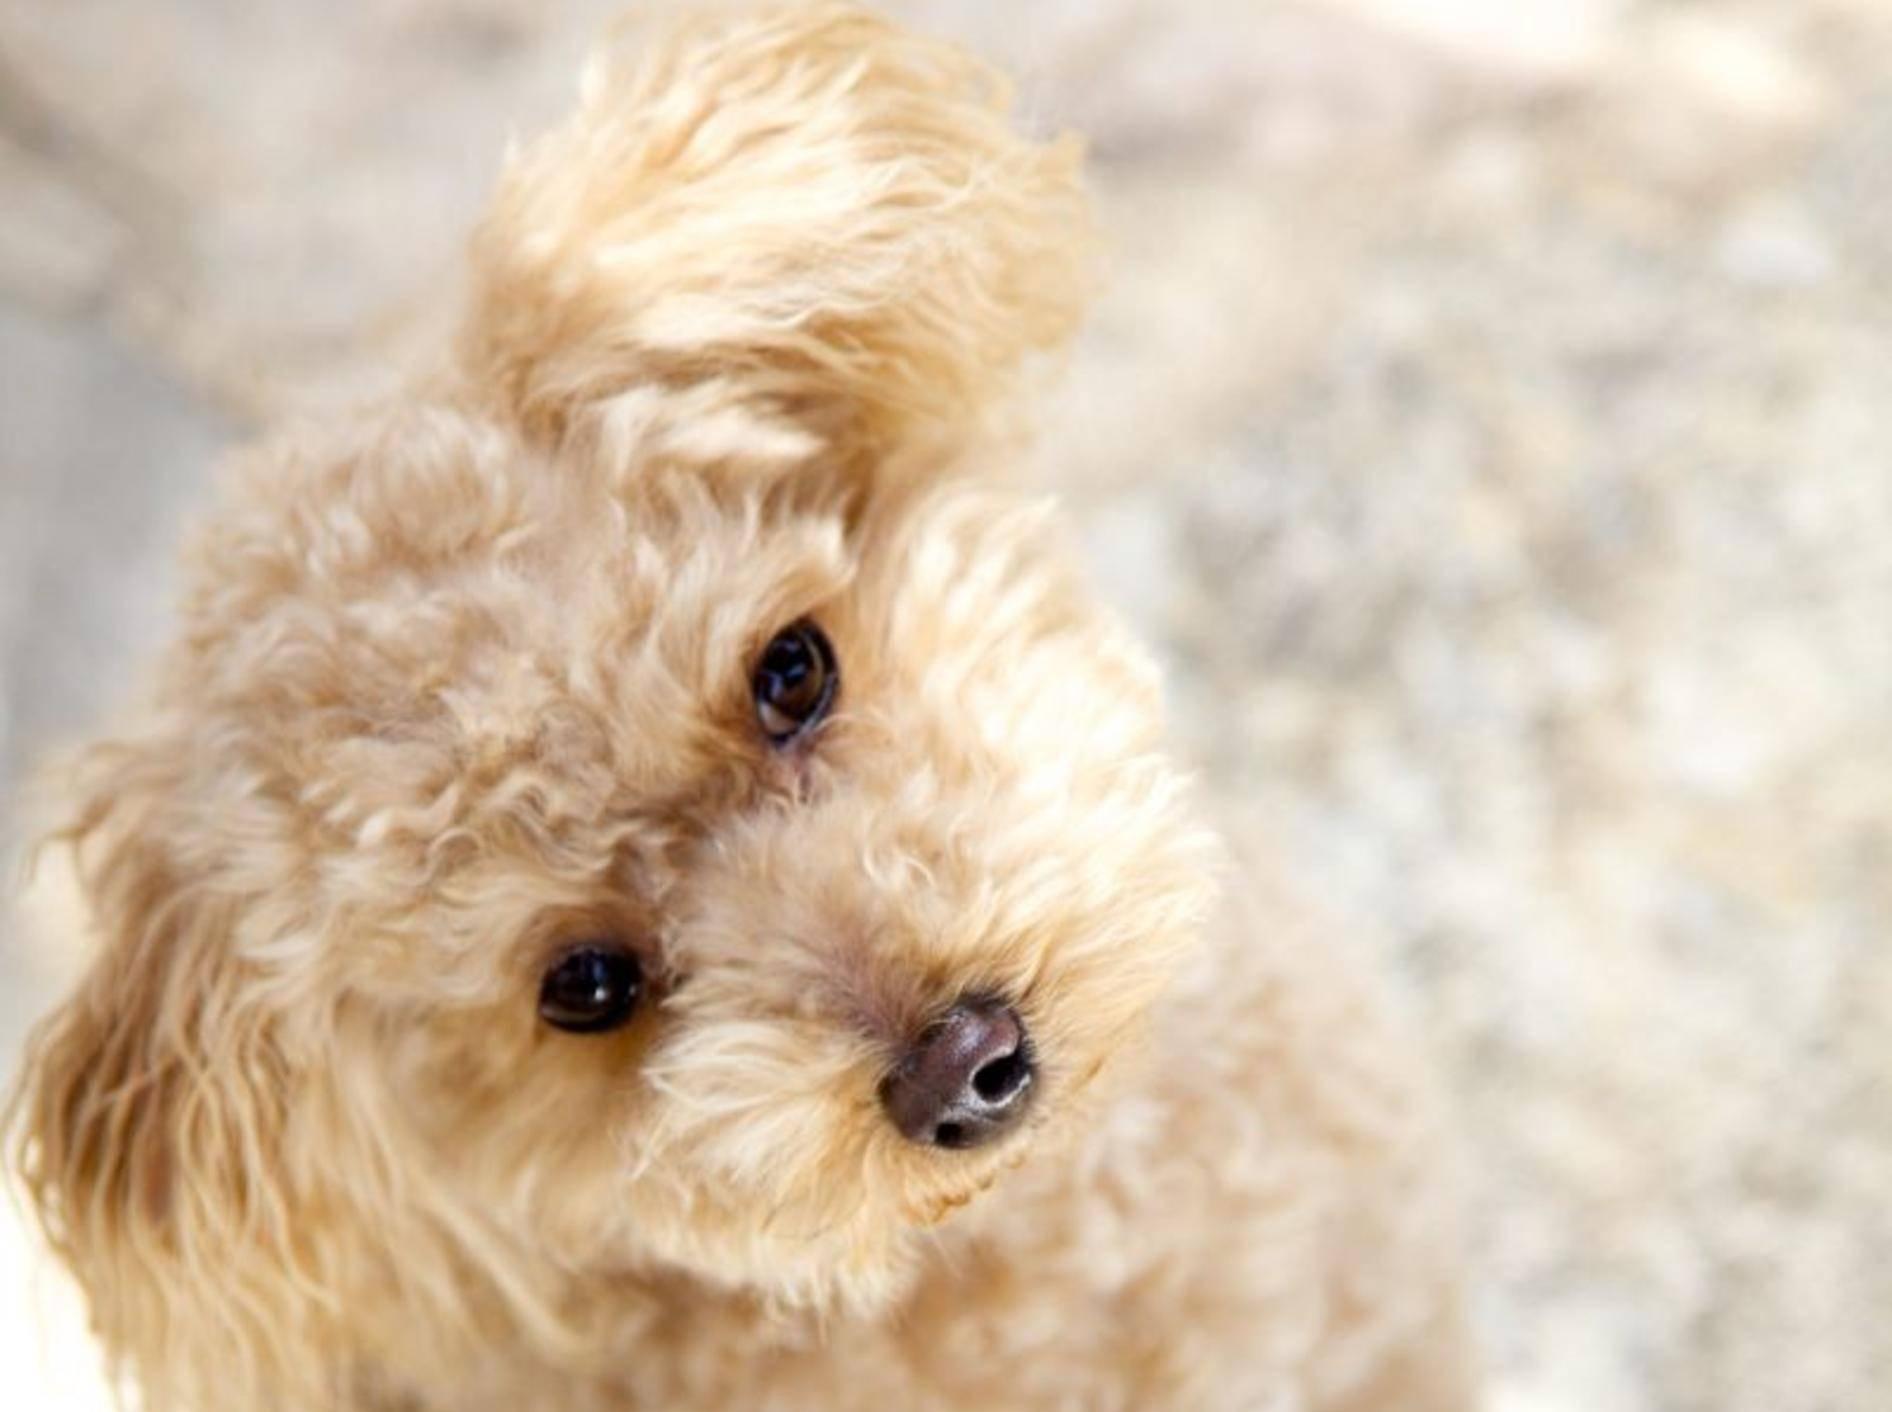 Der Toy-Pudel ist der kleinste der vier Pudelarten — Bild: Shutterstock / Rosetta-hidek